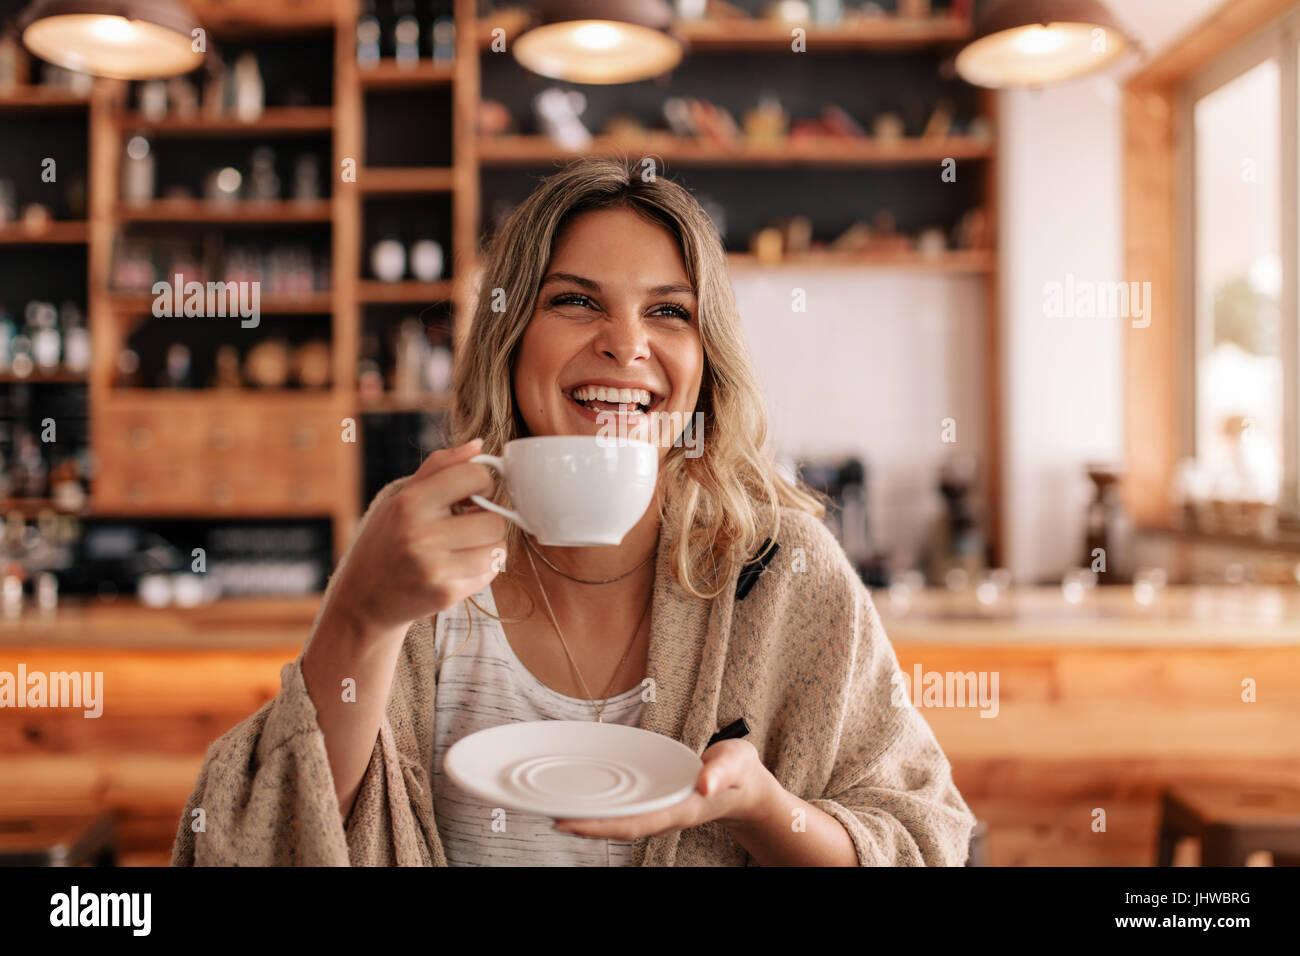 Retrato de joven y bella mujer de pie en un café y bebiendo café. Mujer sonriente con café en un Imagen De Stock